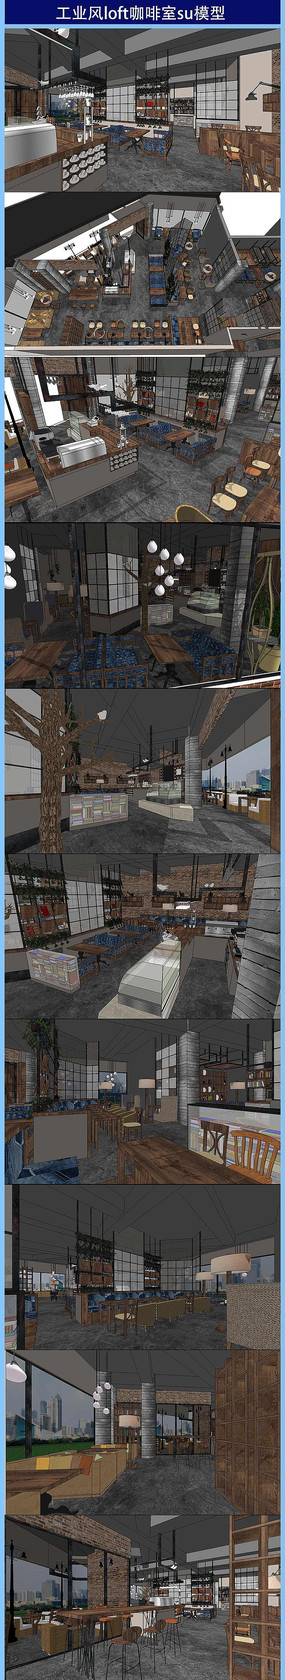 工业风loft咖啡室咖啡馆su